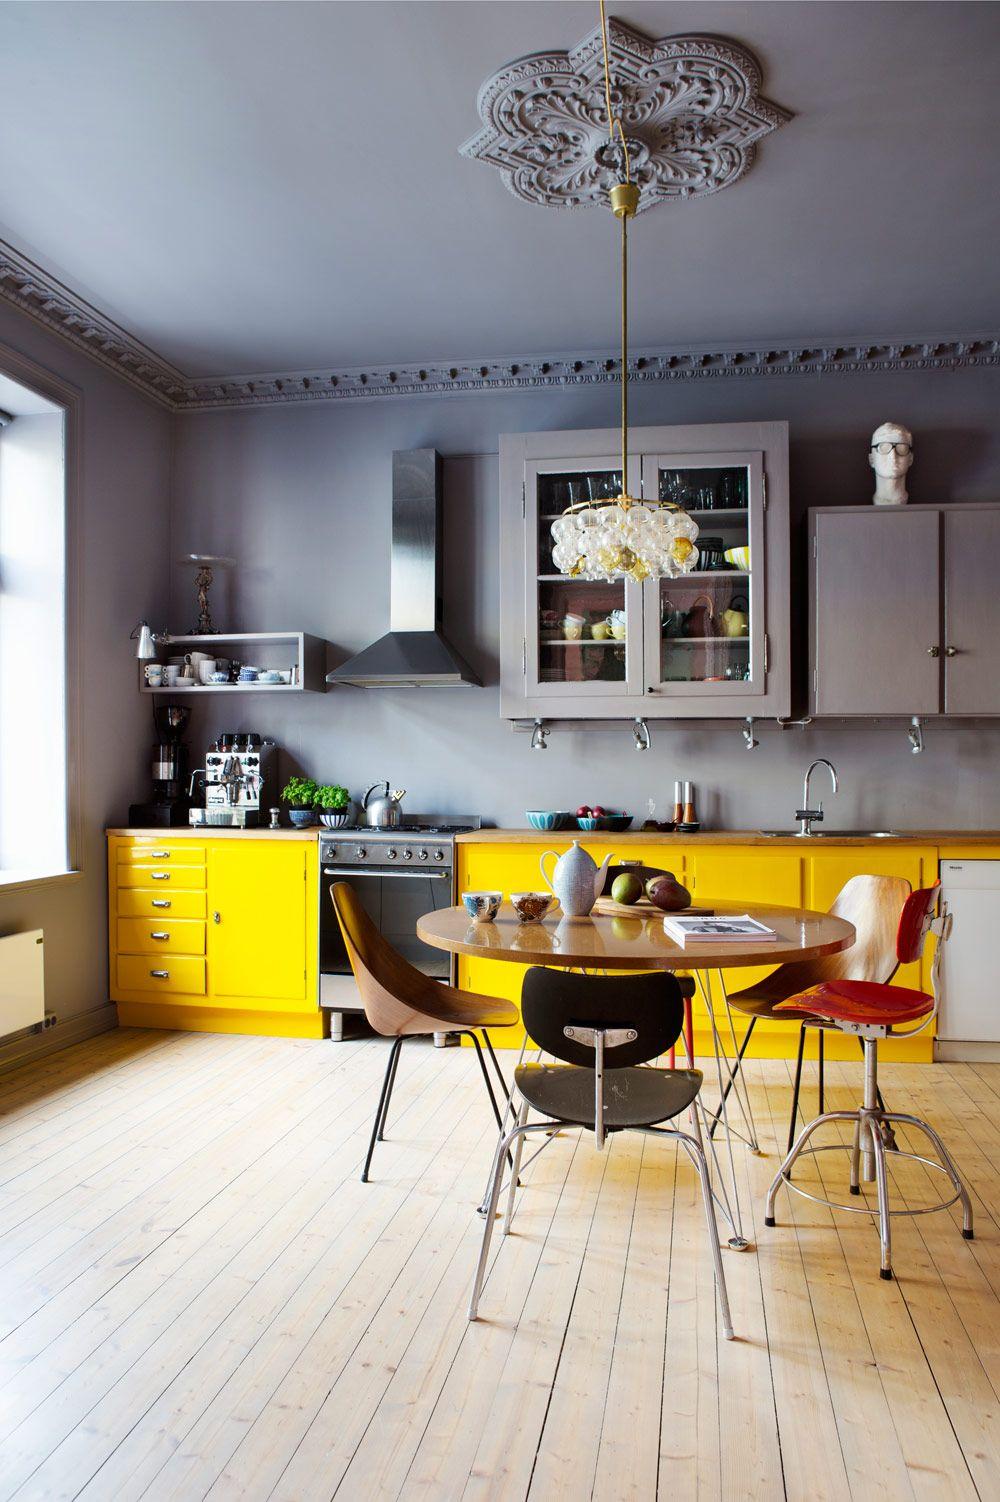 Ideen für die küche in farbe var inte rädd för färg i köket u gult och grått en härlig kombo